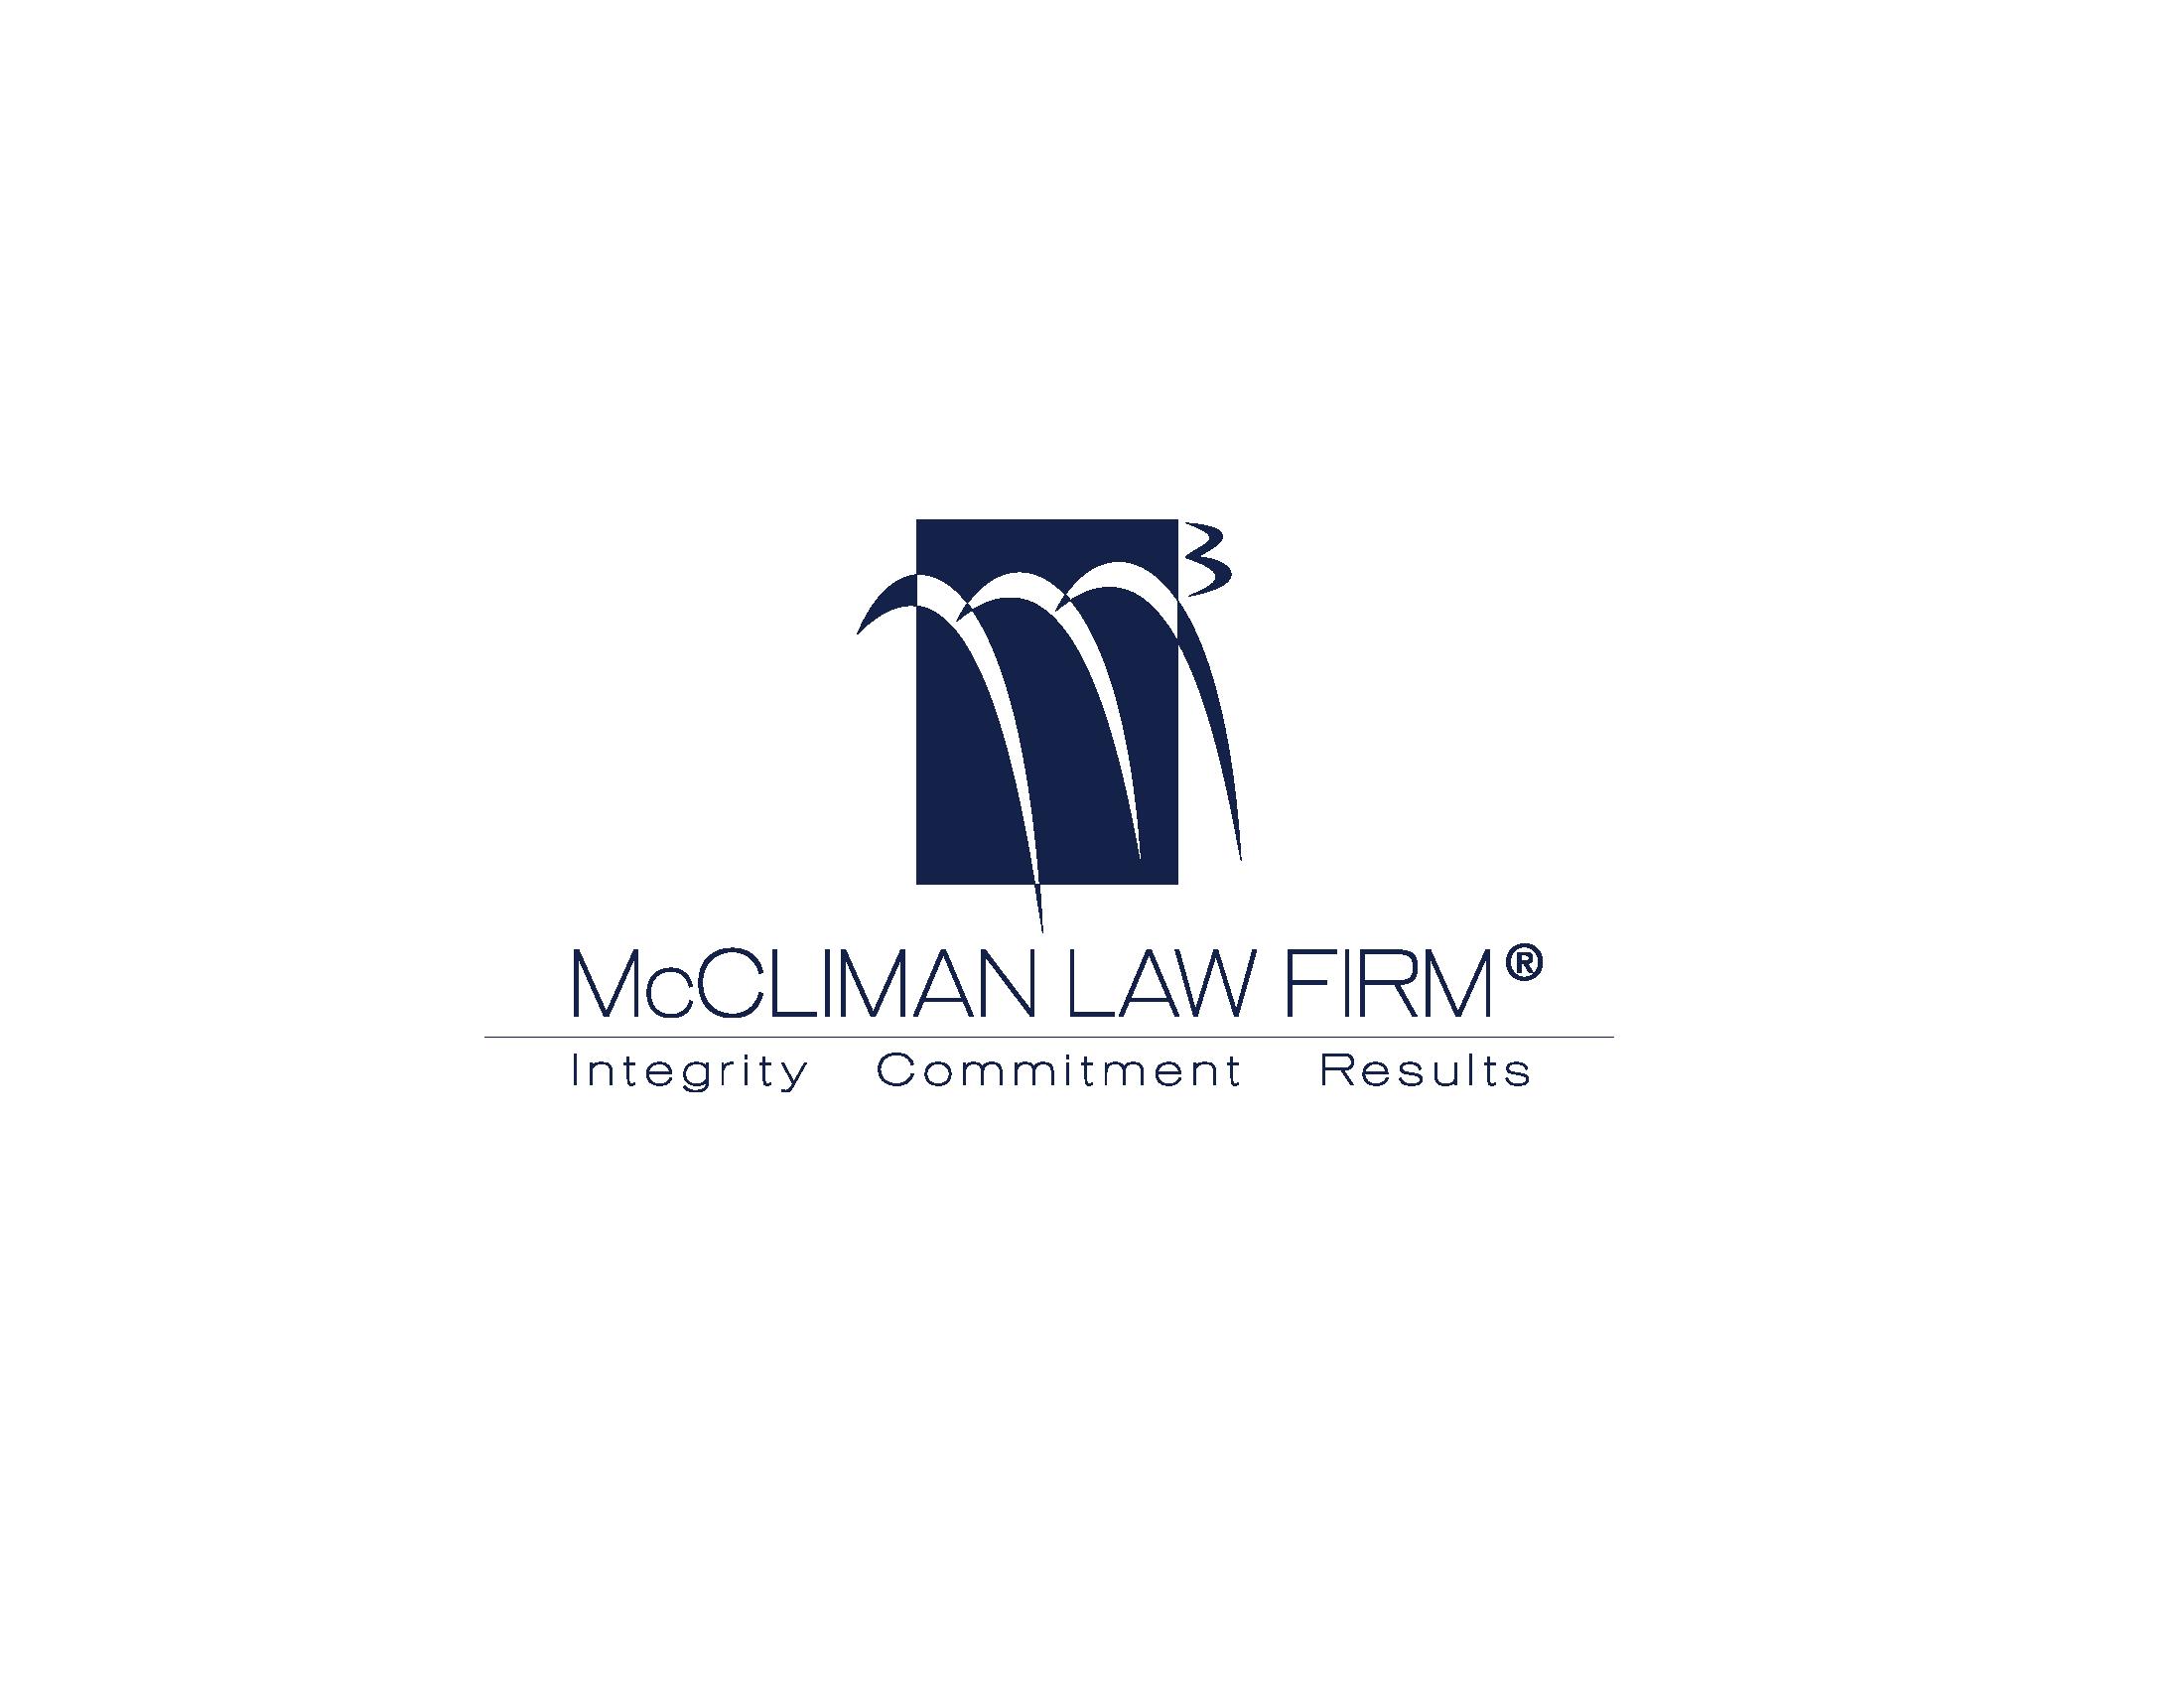 McCliman Law Firm